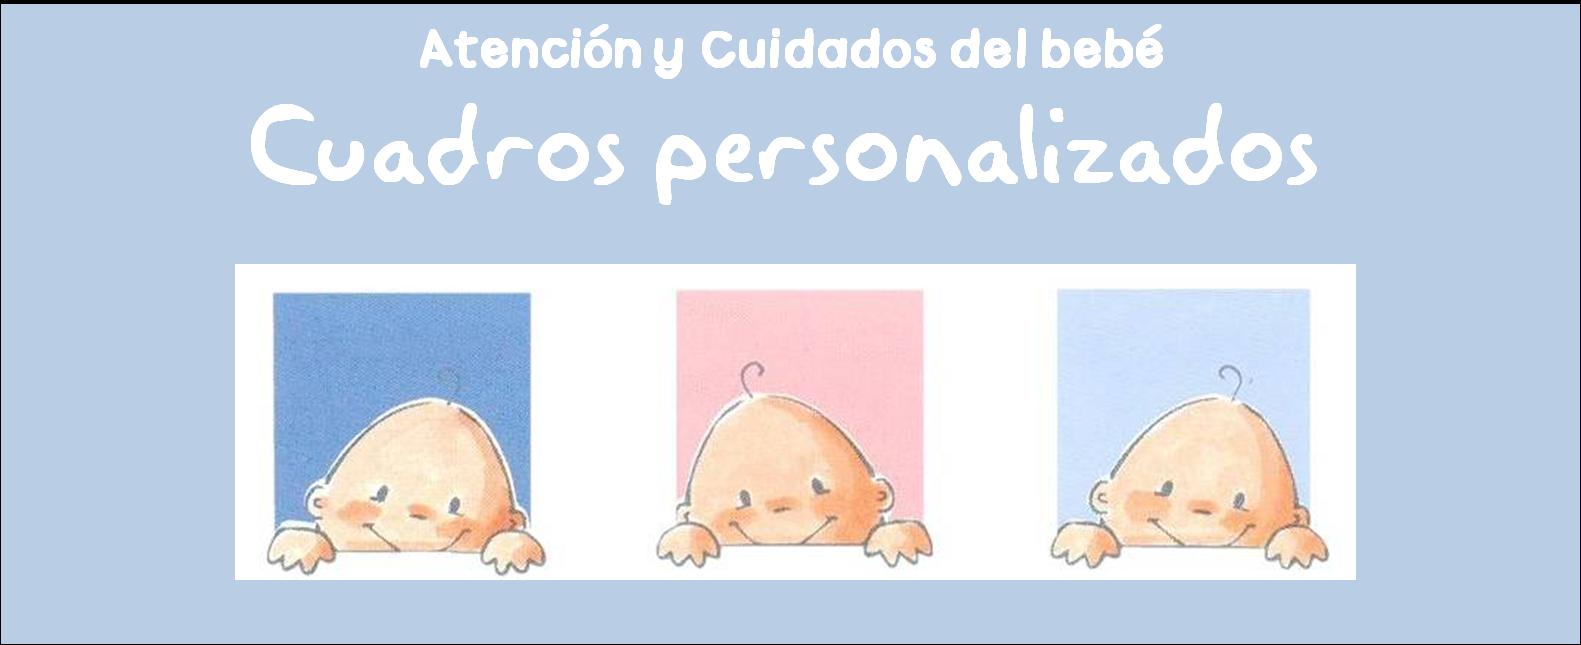 Atenci n y cuidados del beb cuadros personalizados para - Cuadros para ninos personalizados ...